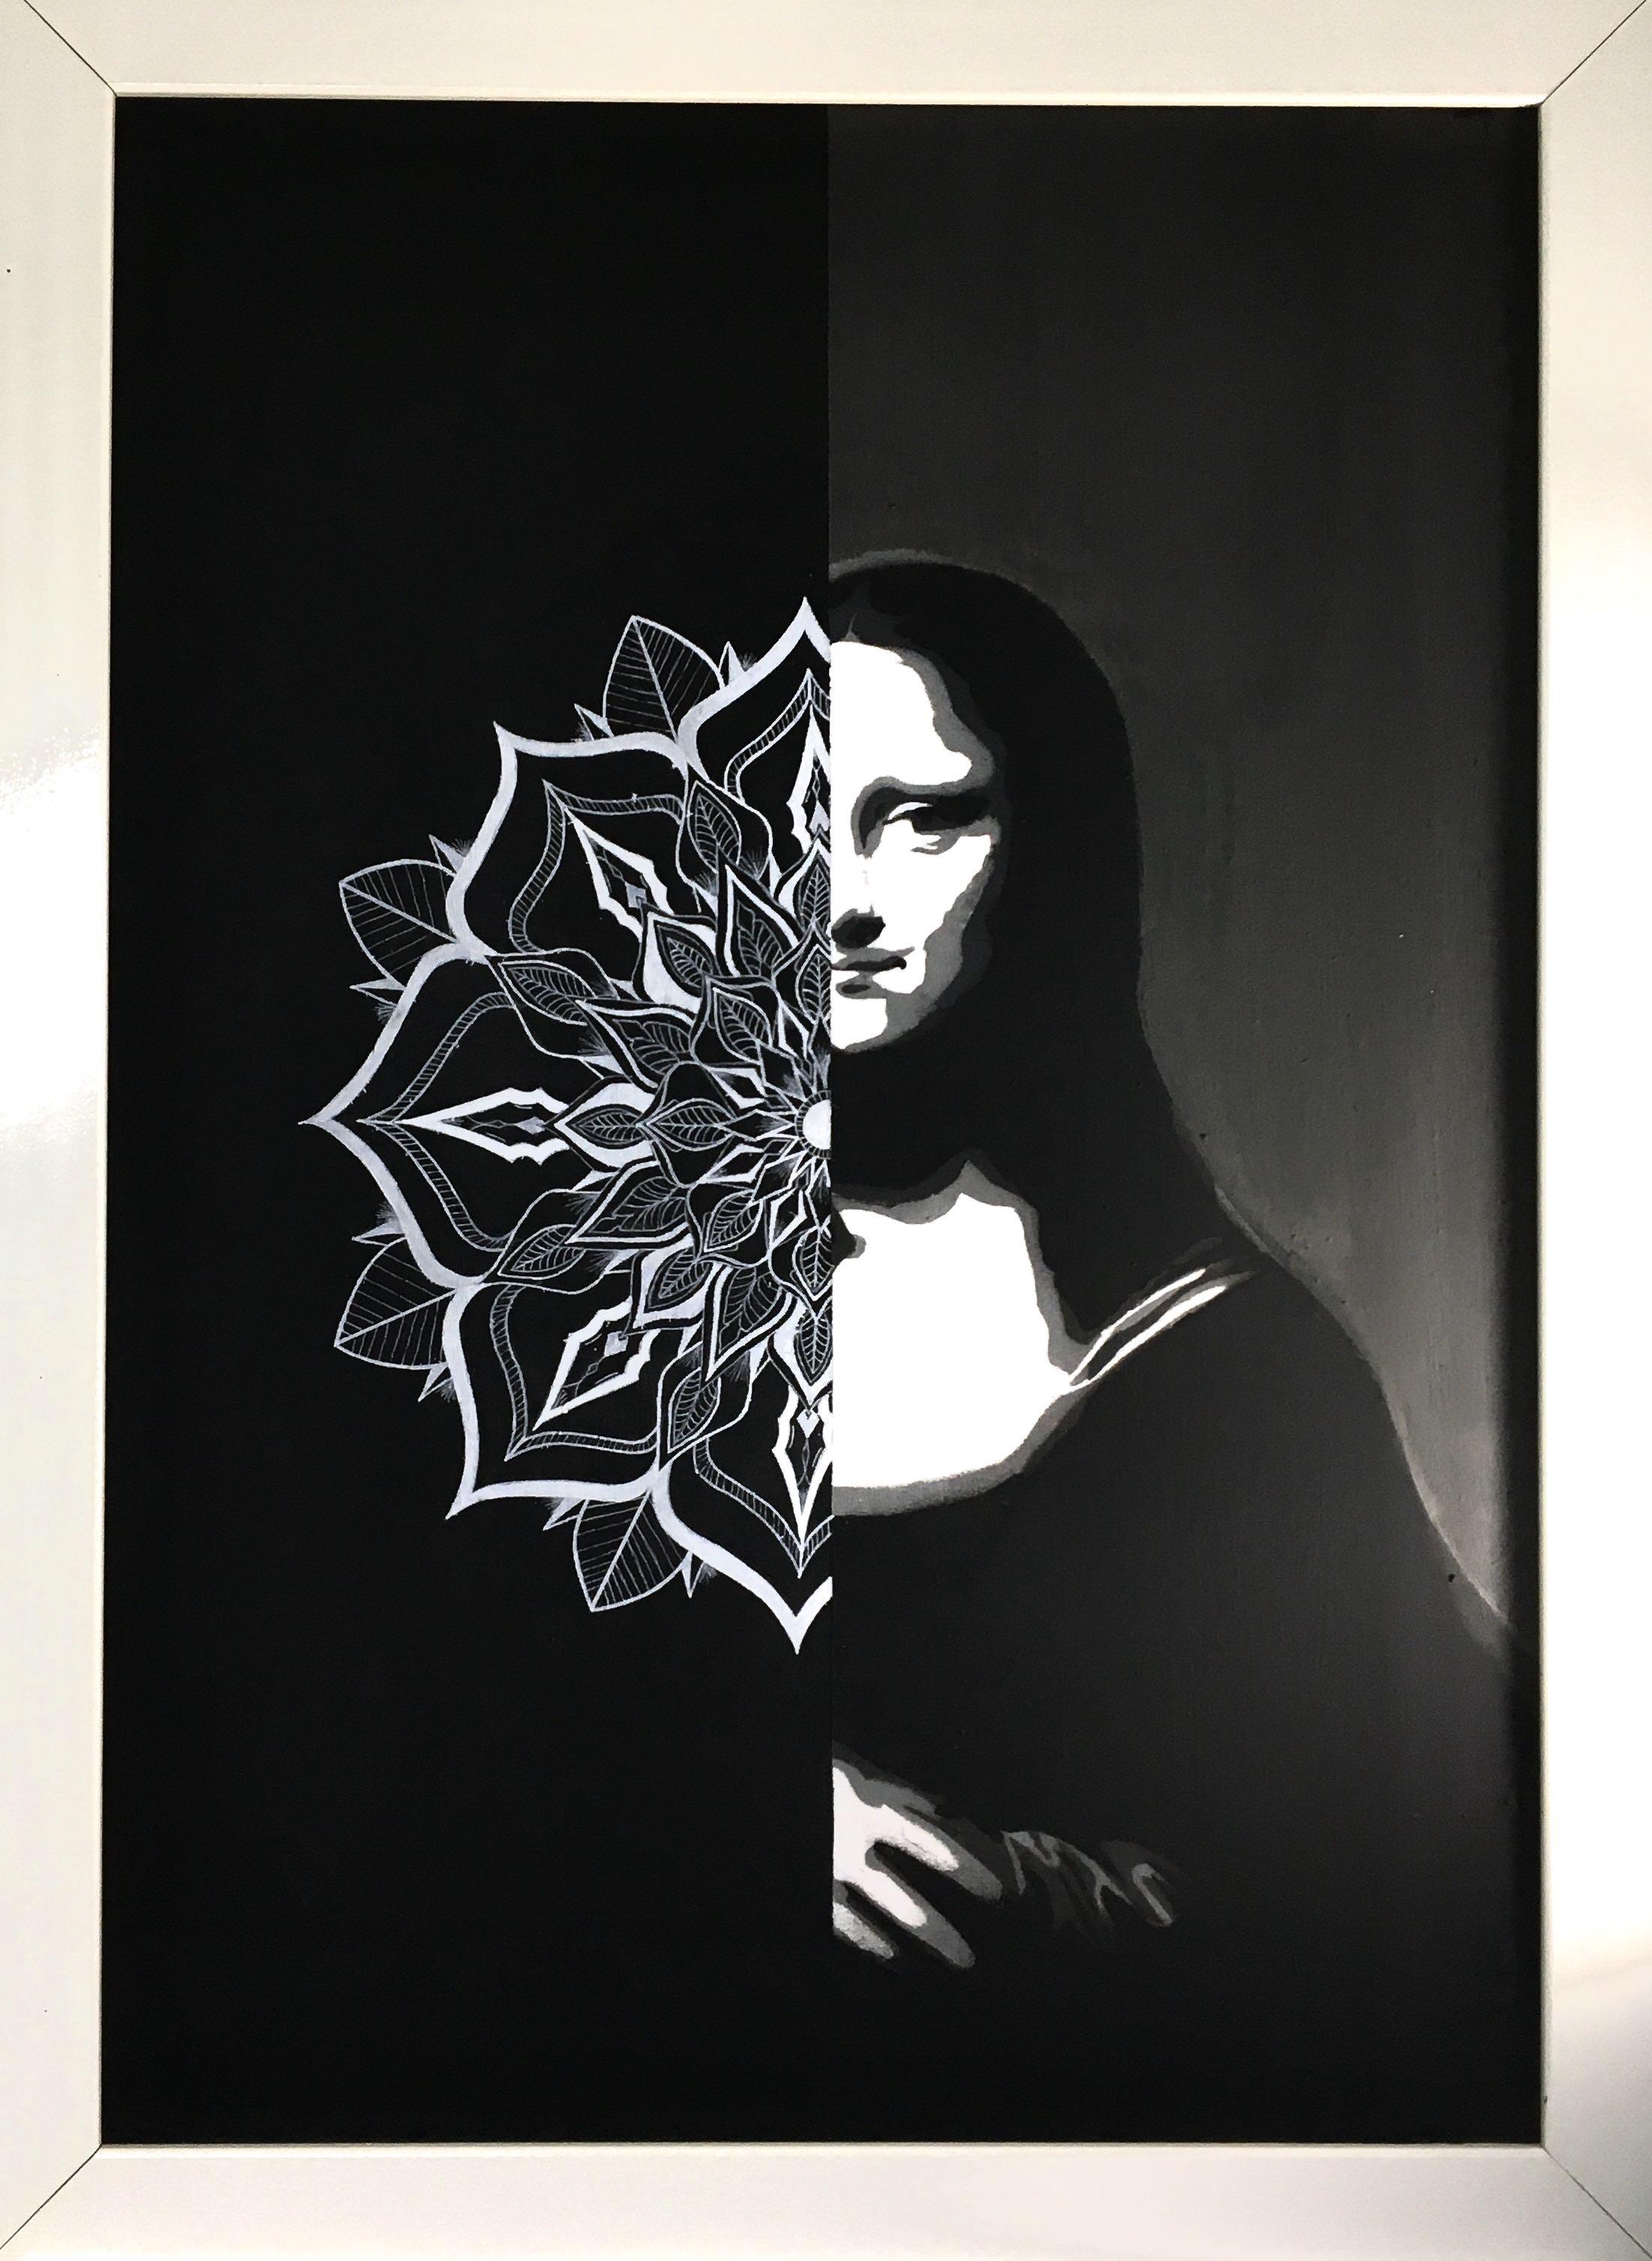 Produção de quadros exclusivos-técnica de stencil